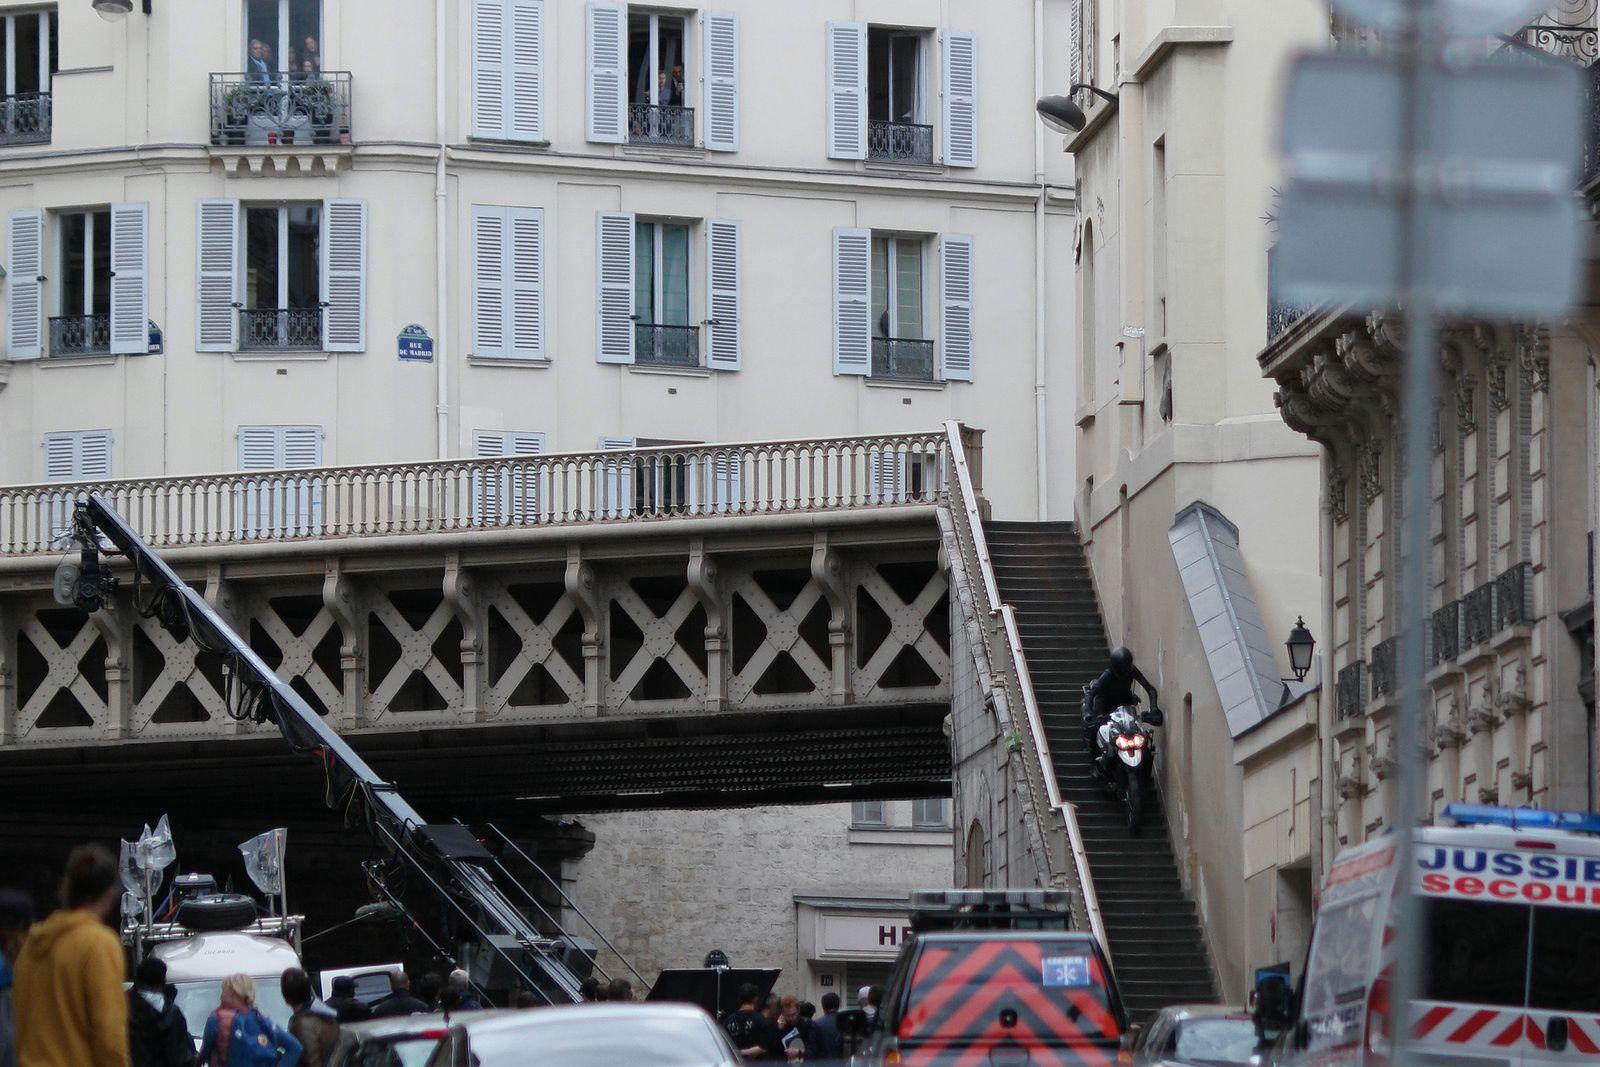 La moto démarre rue de Madrid, passe sur le pont et descend l'escalier rue Portalis